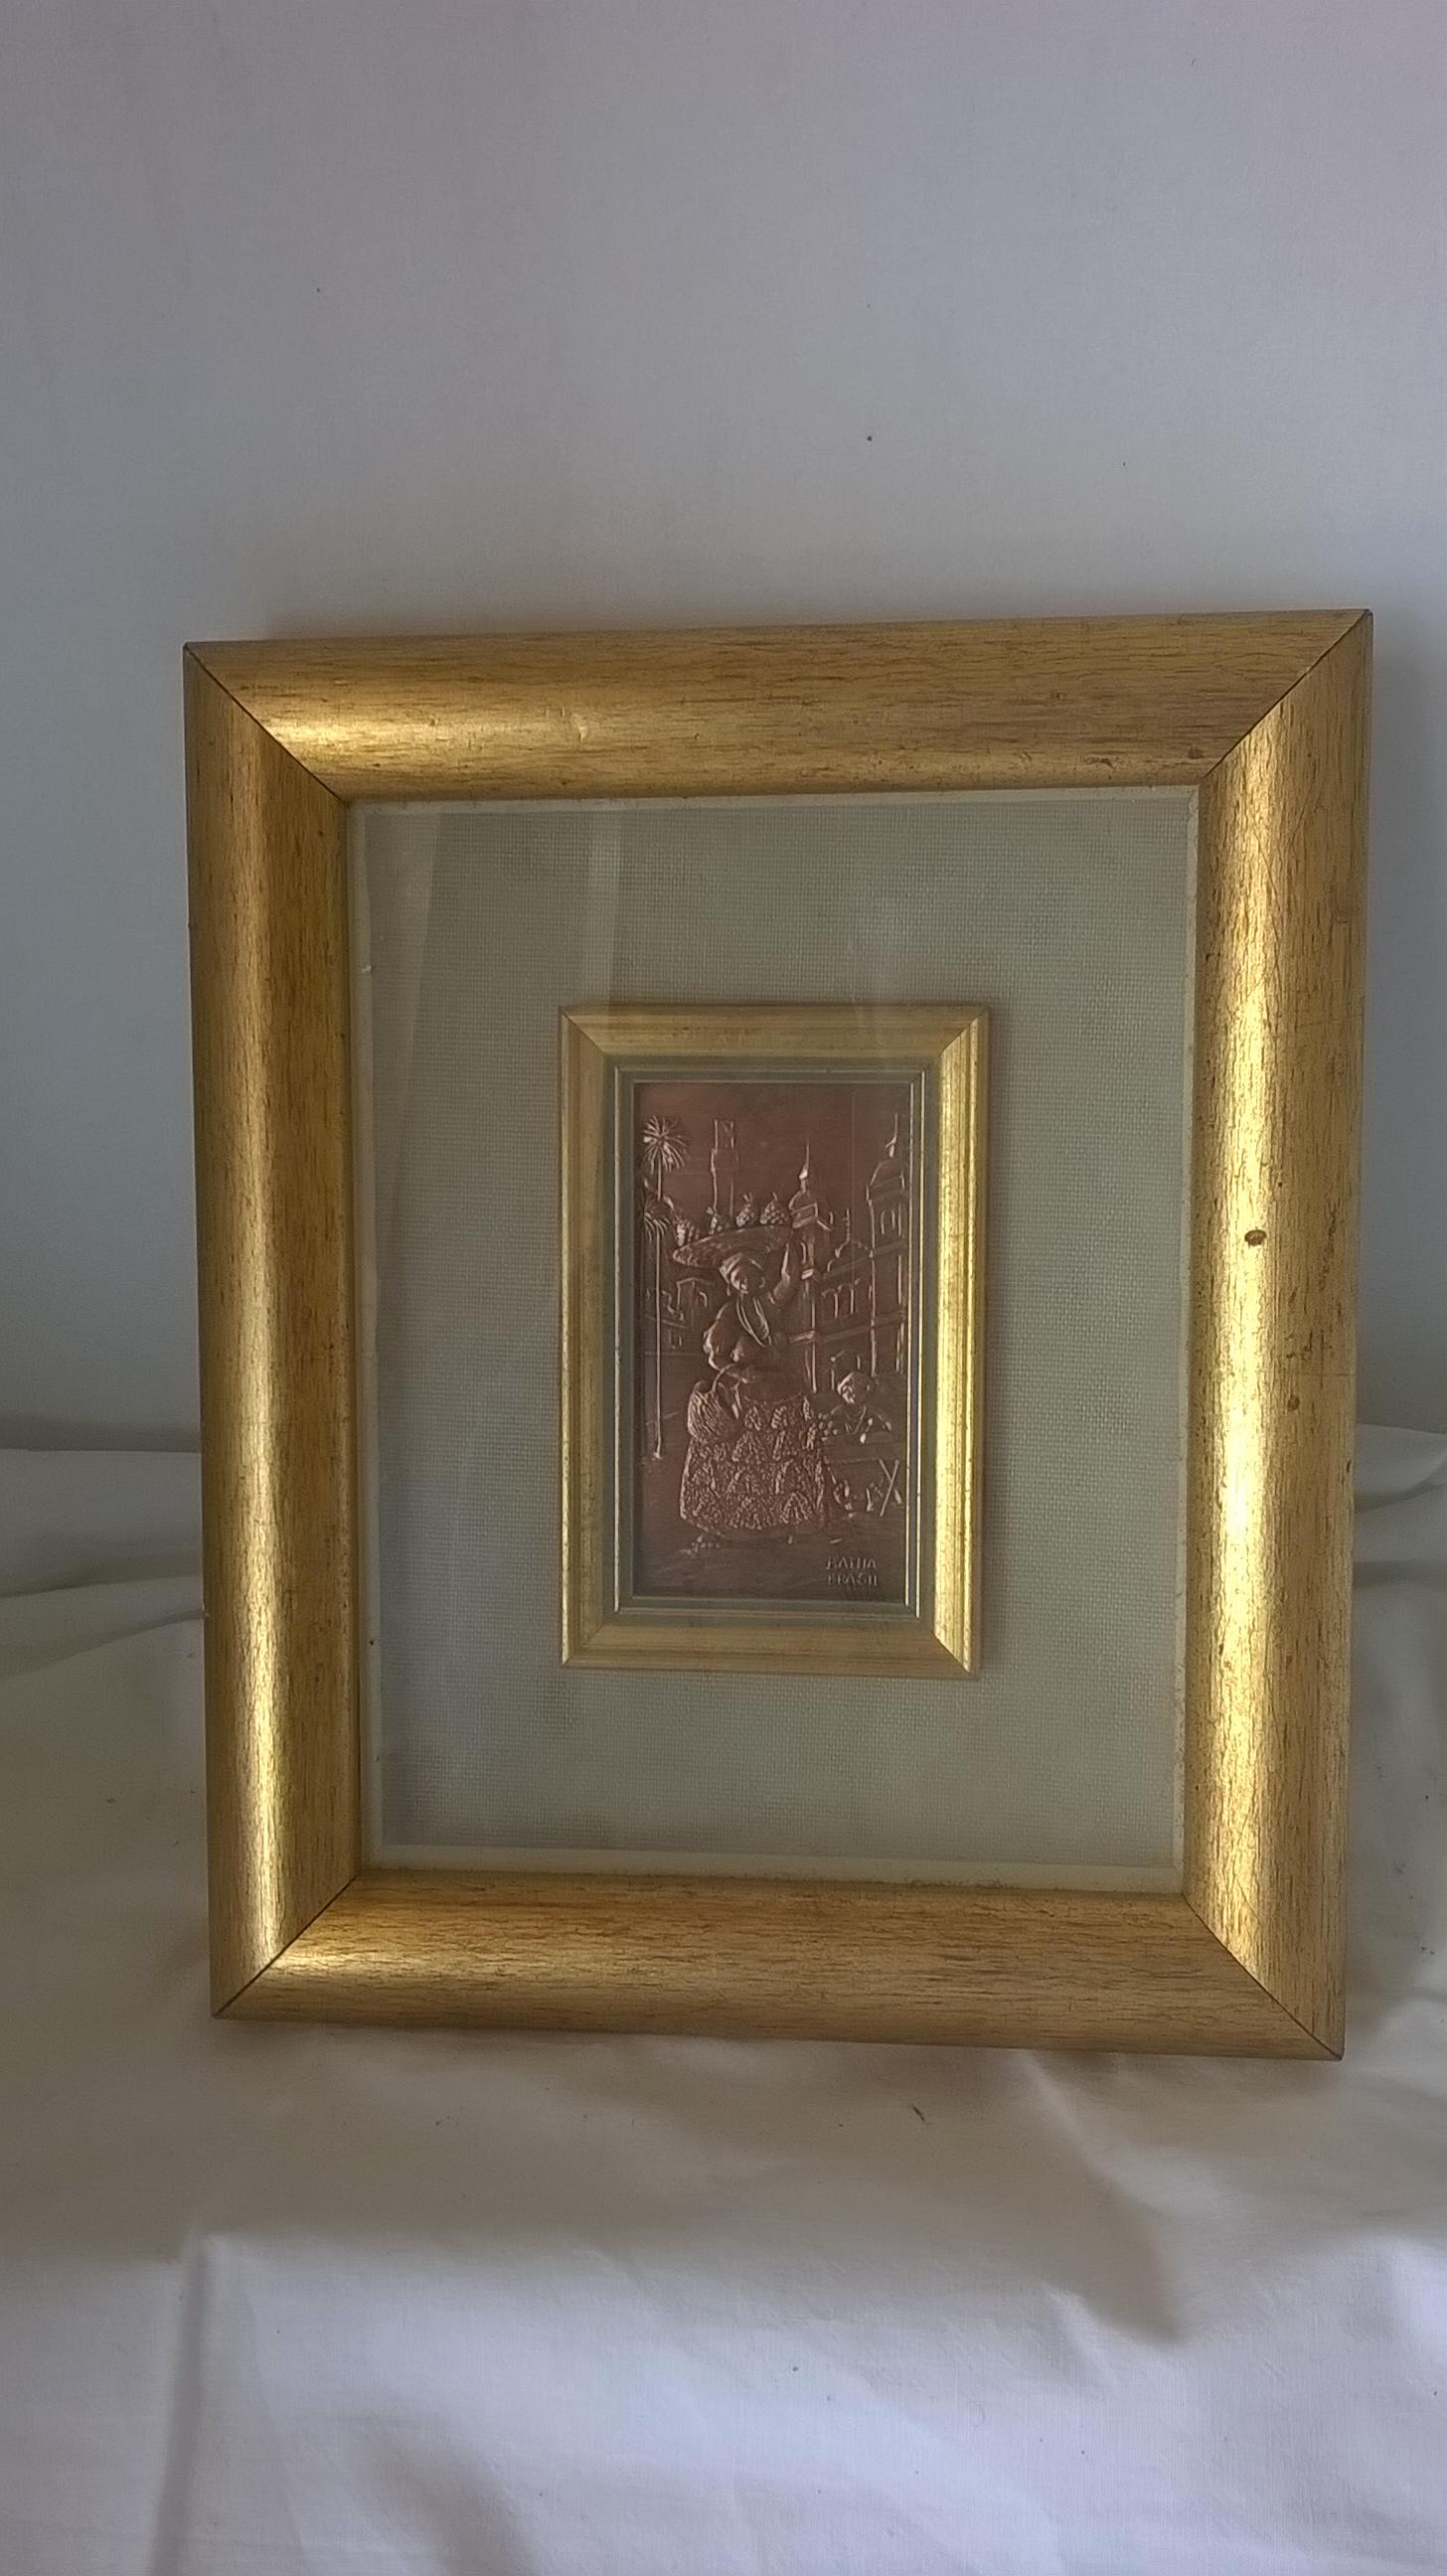 Quadro vintage con cornice in legno dorato a foglia d 39 oro for Cornice per quadro